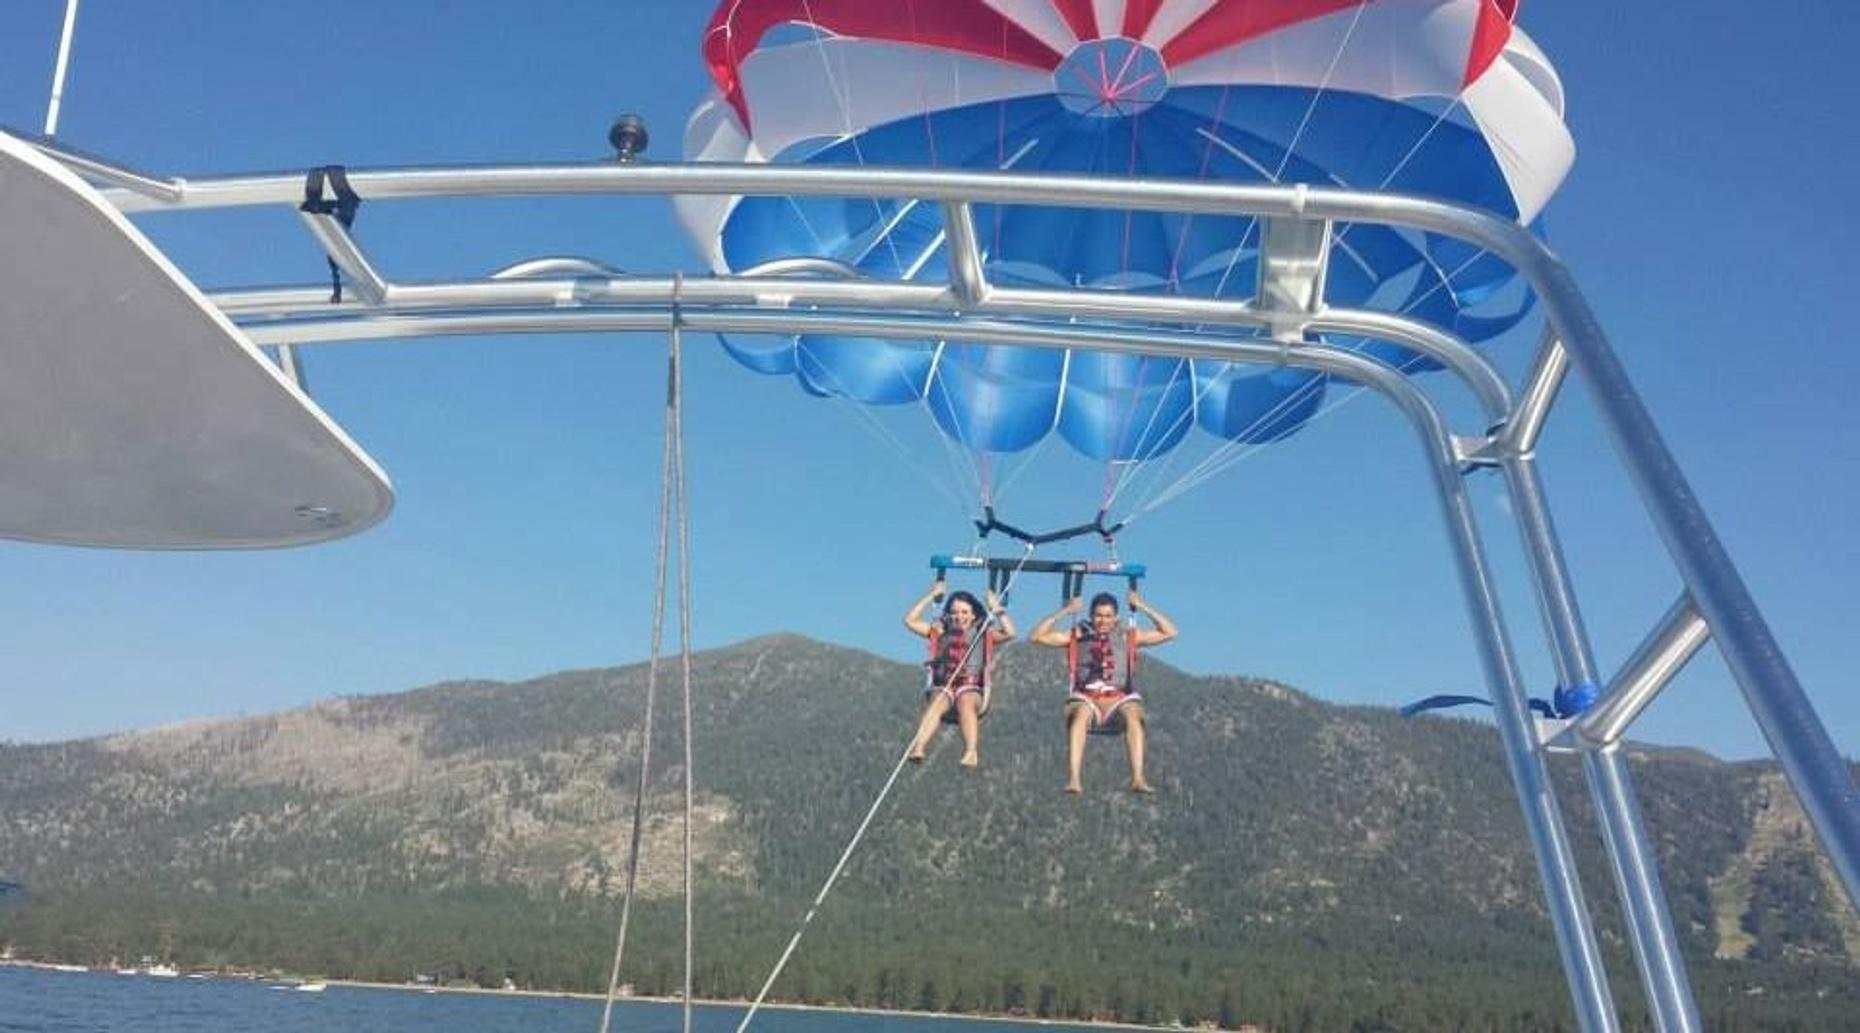 Lake Tahoe Parasailing Adventure